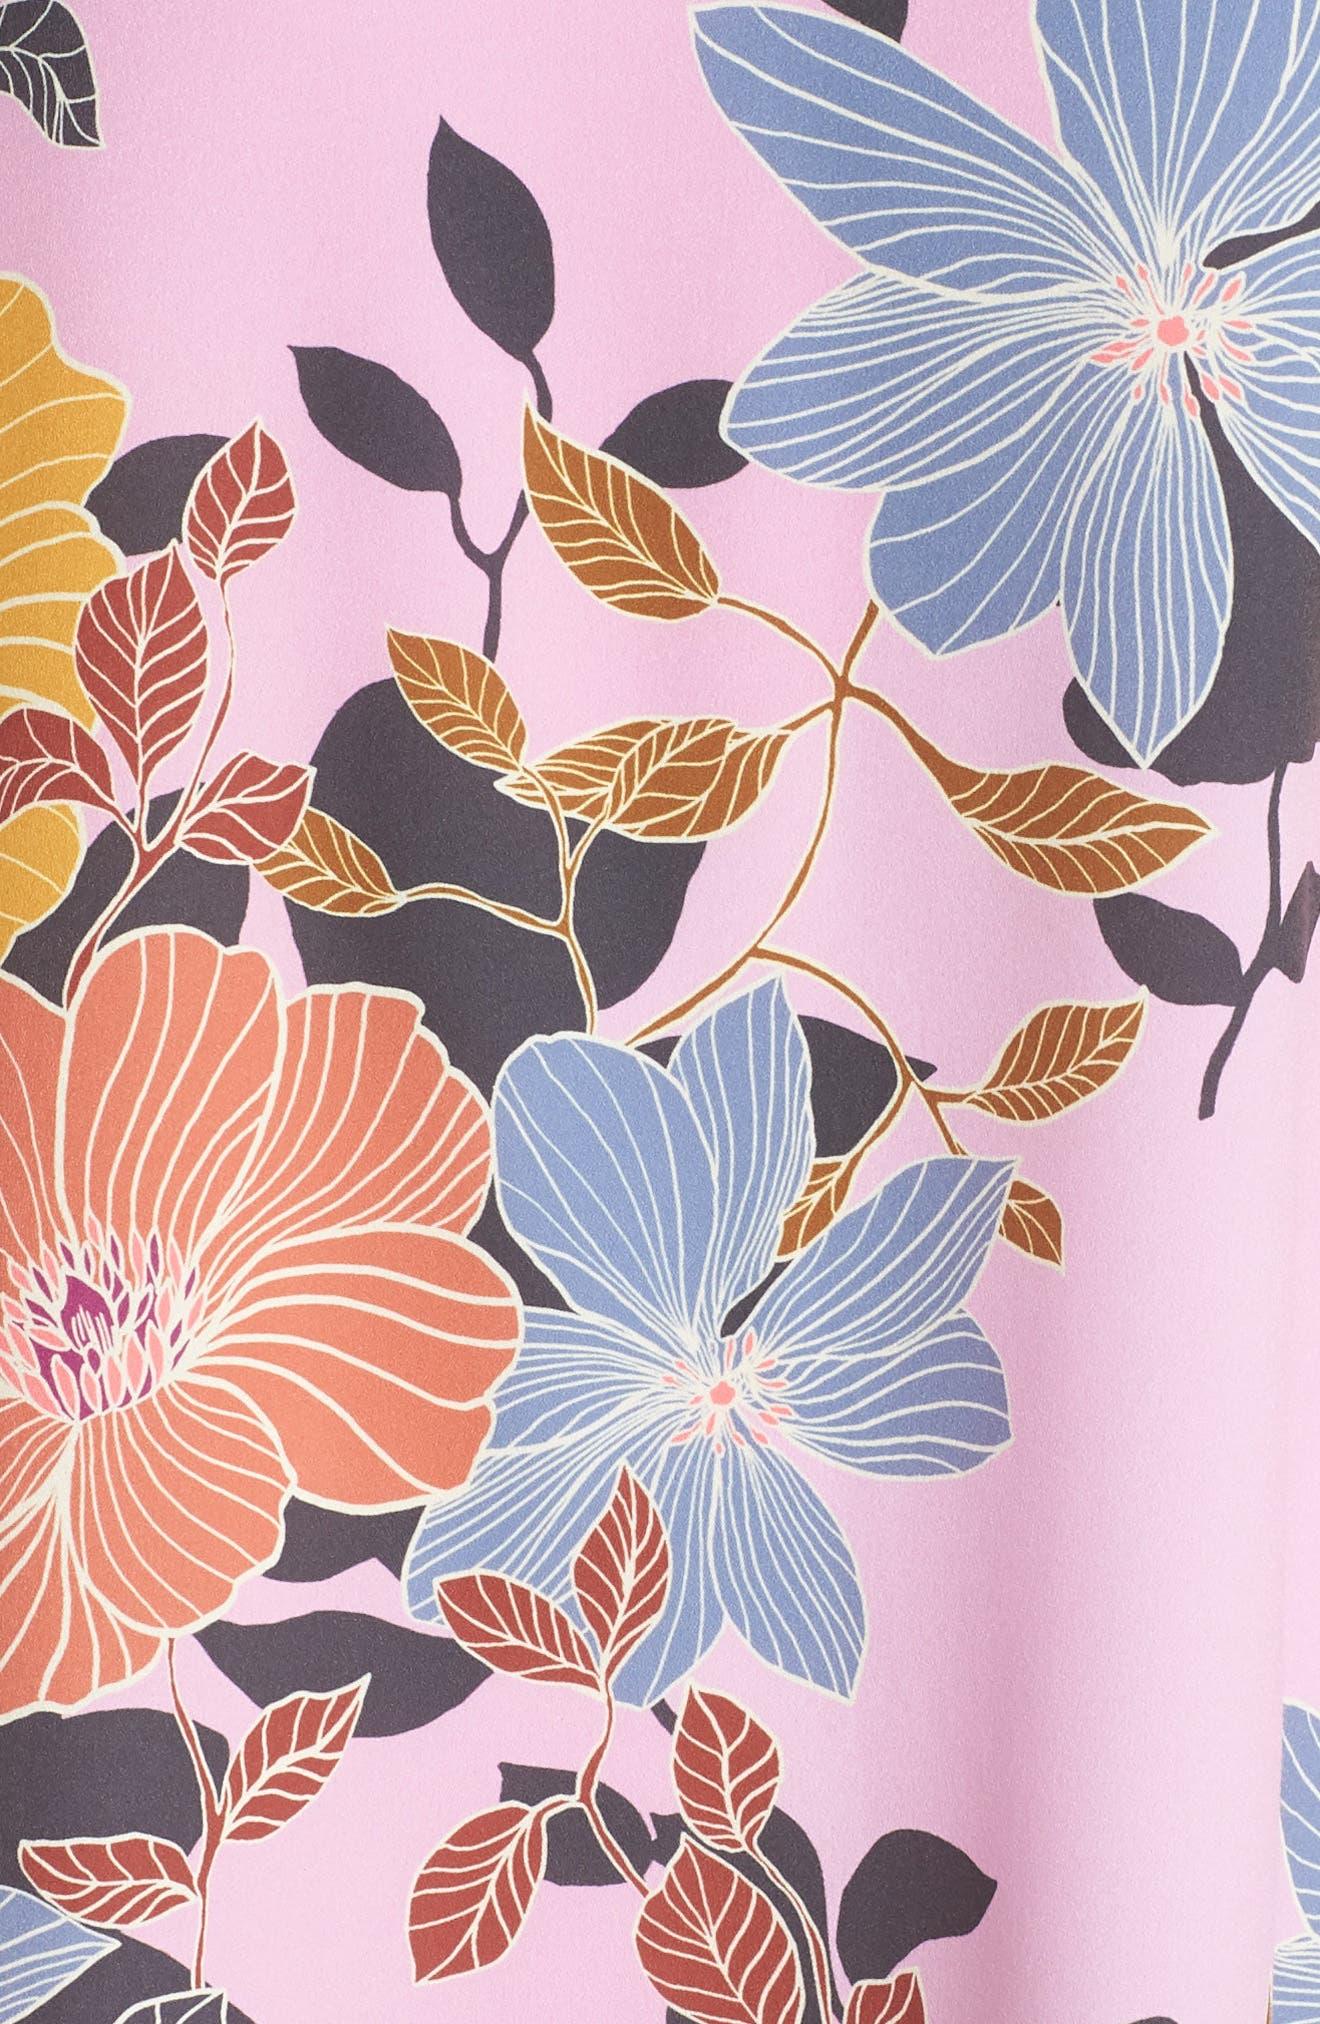 Shikoku Floral Crepe Shift Dress,                             Alternate thumbnail 5, color,                             Violet Vice Multi